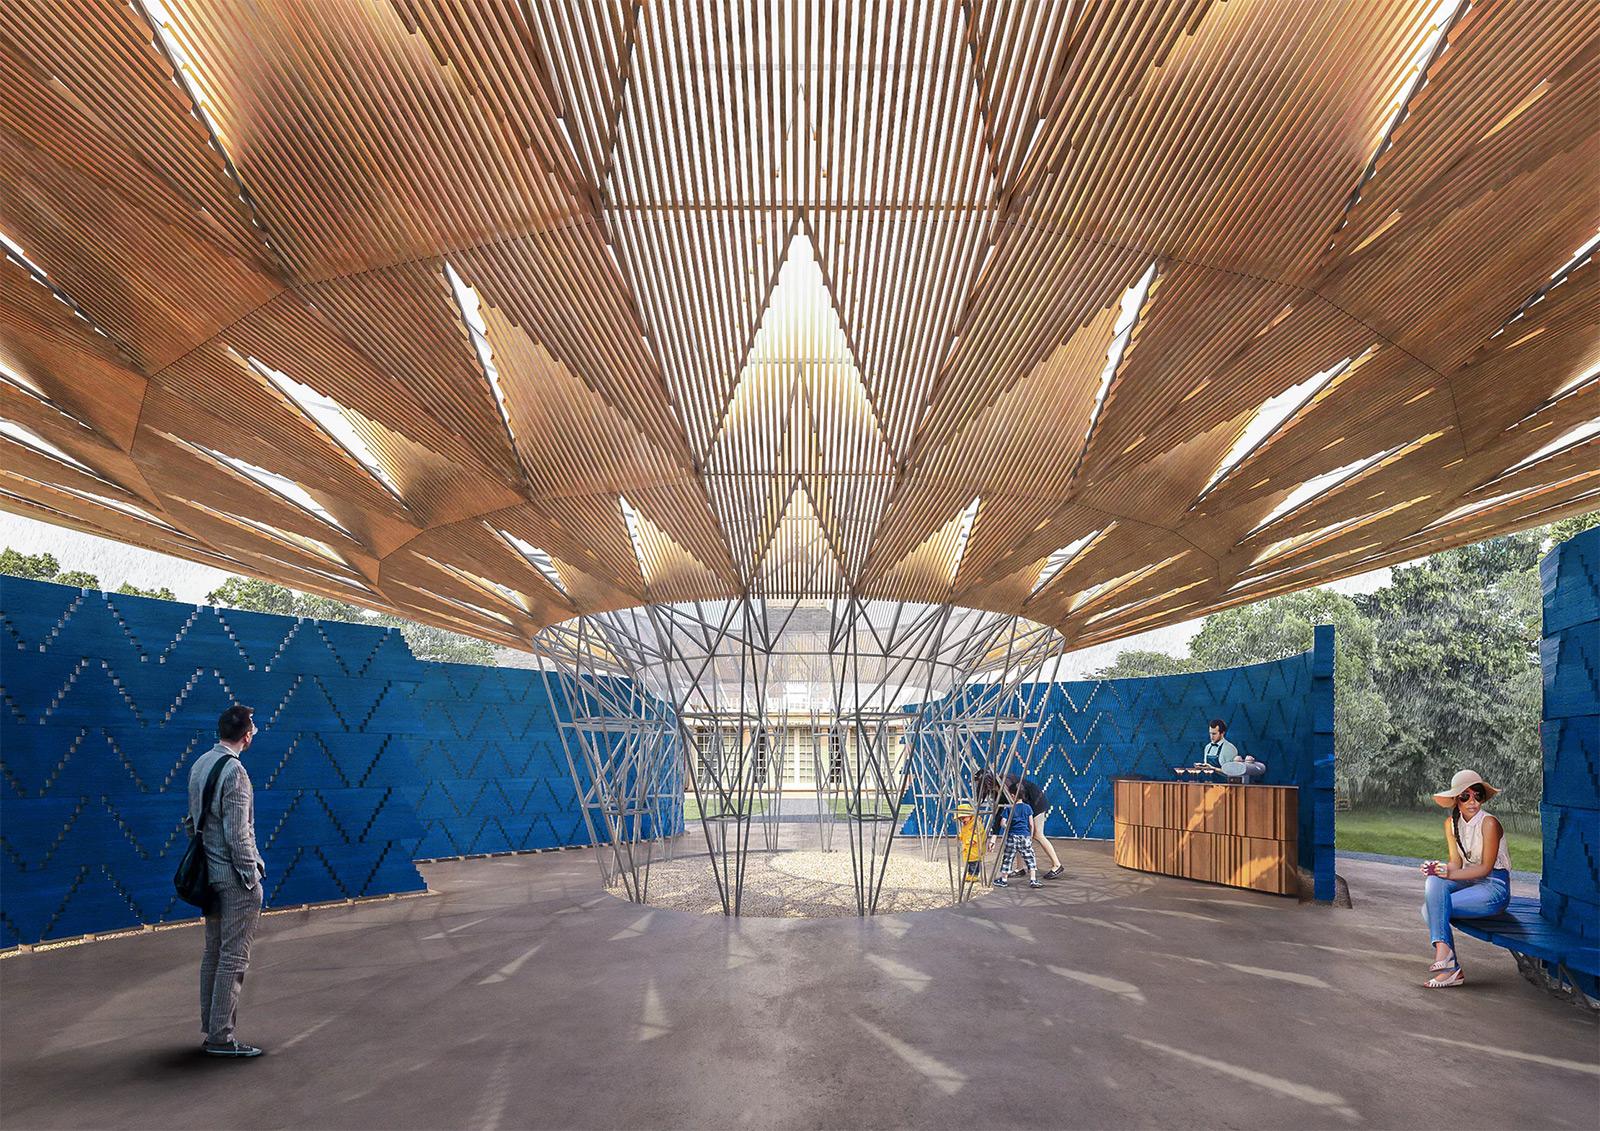 Diébédo Francis Kéré's Serpentine pavilion. Photography: Serpentine gallery